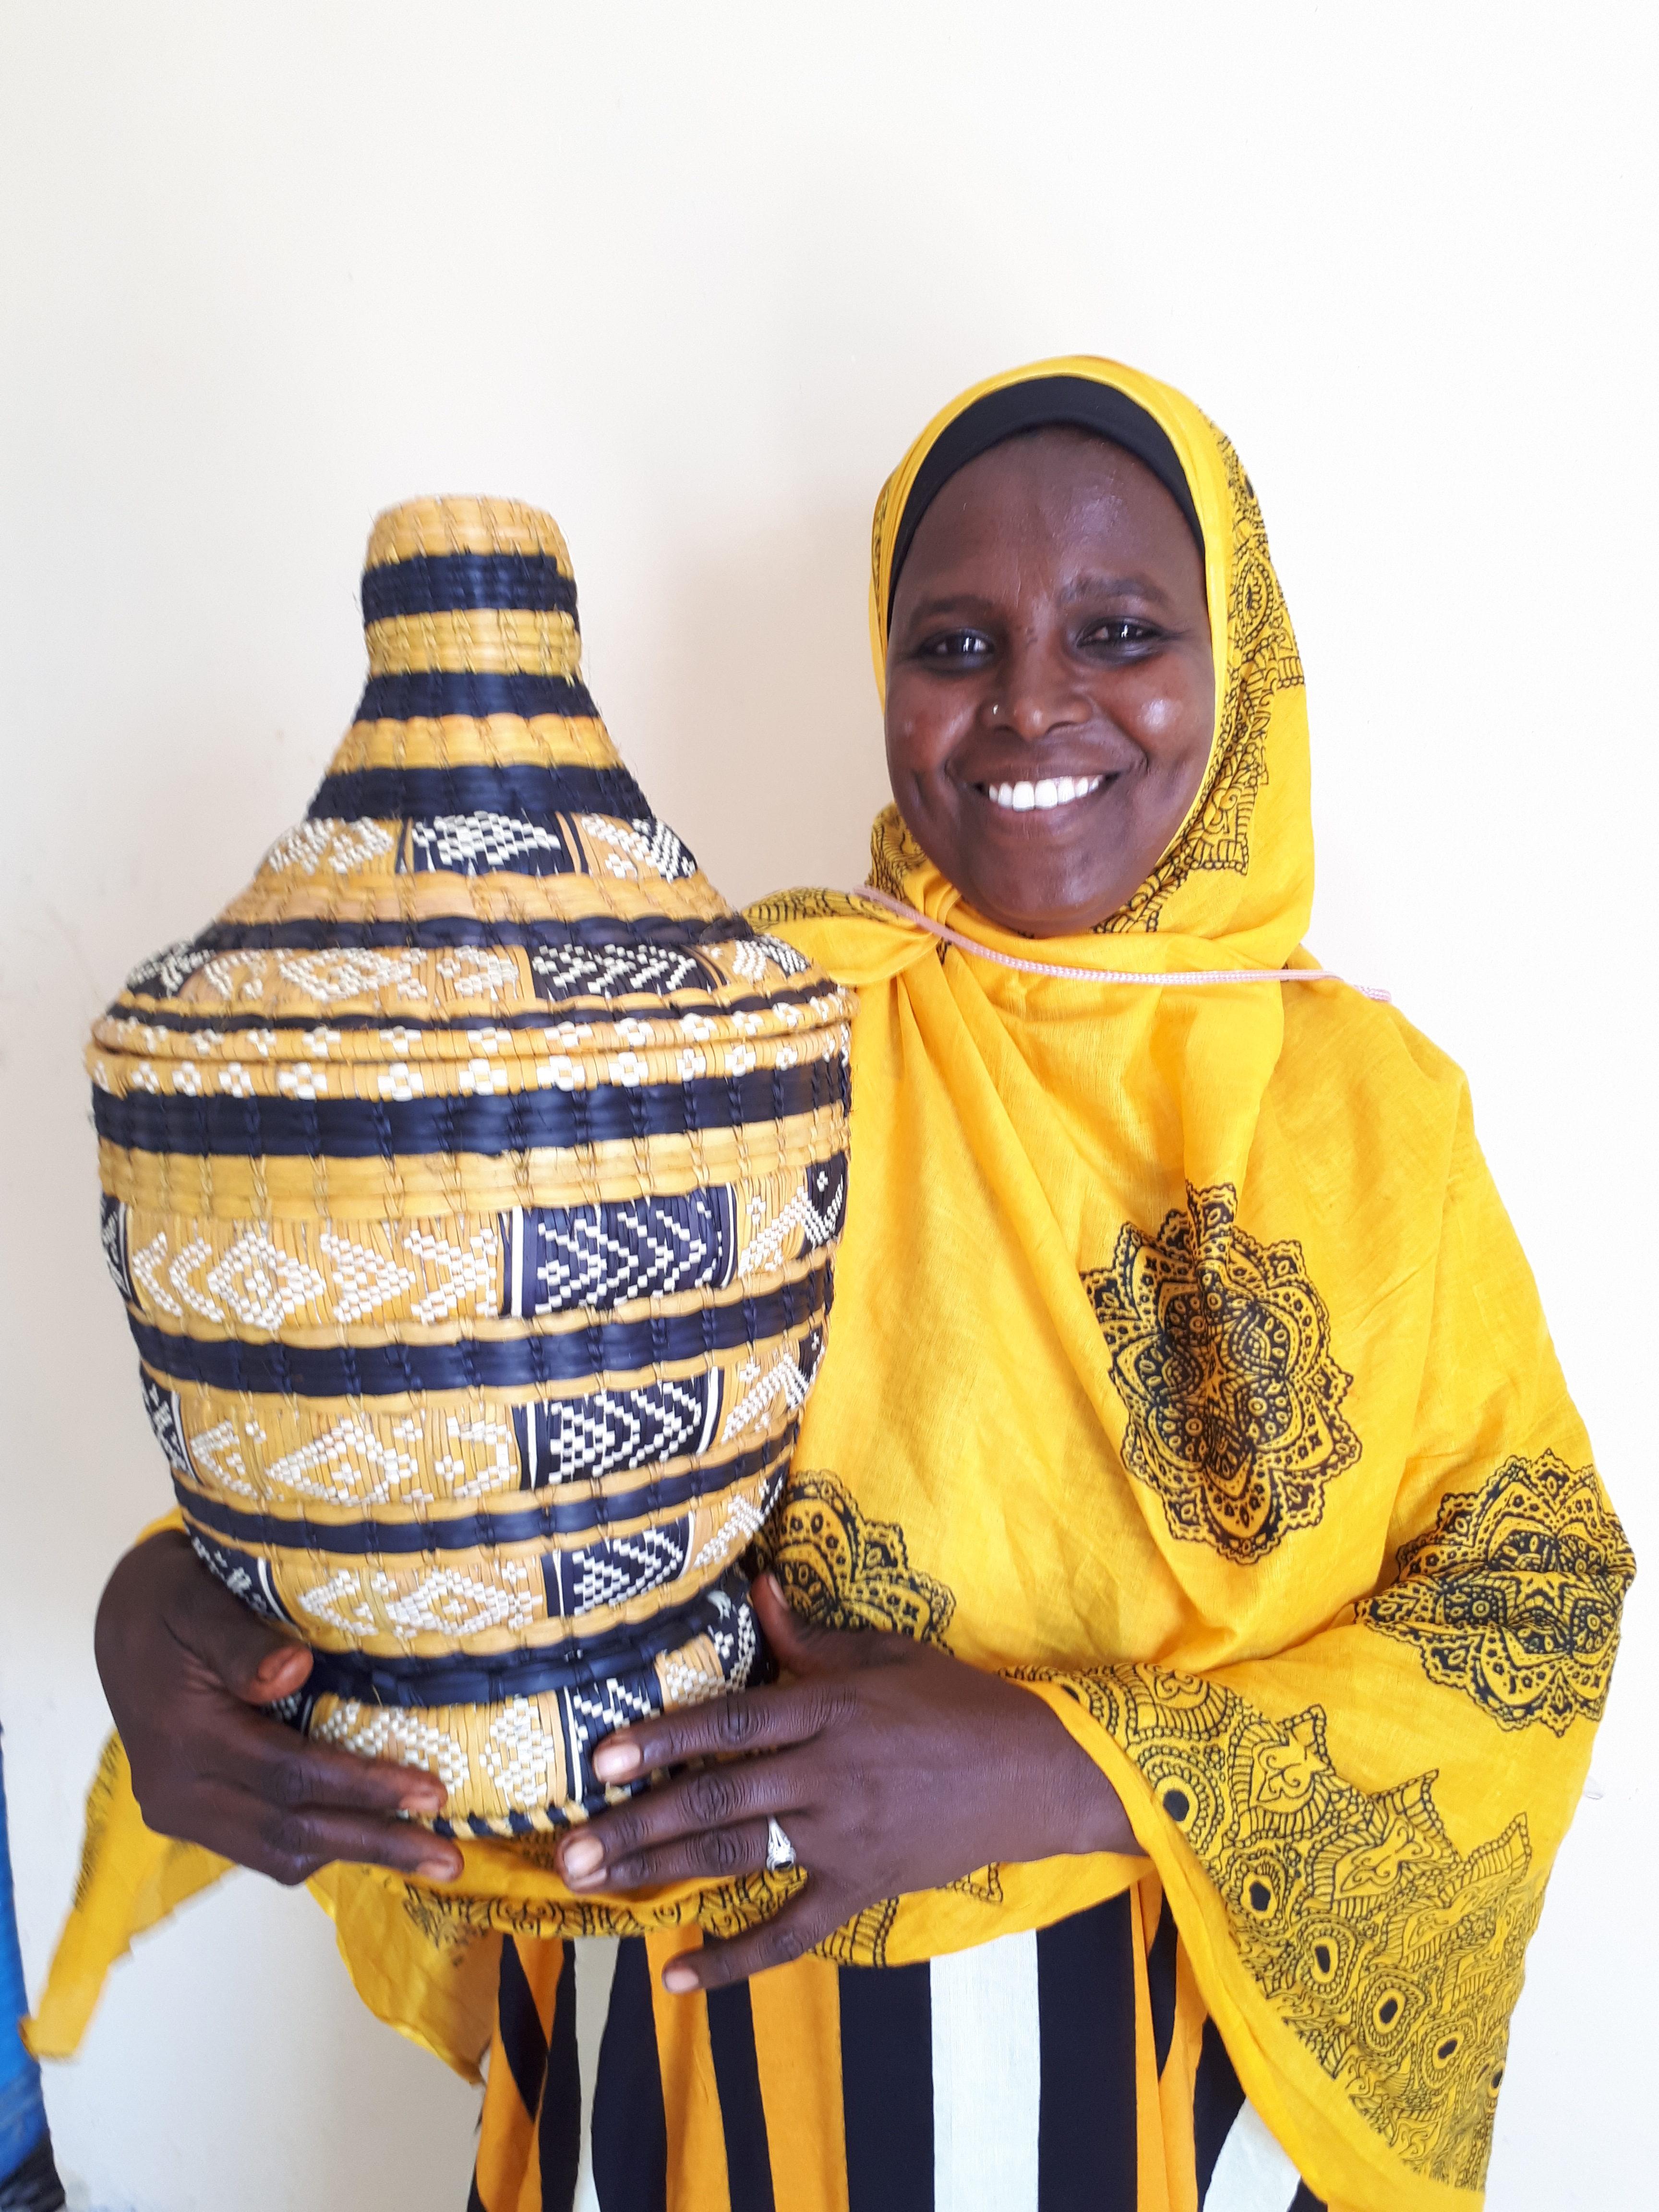 Artisanal Design Flourishes in Djibouti - Aid to Artisans